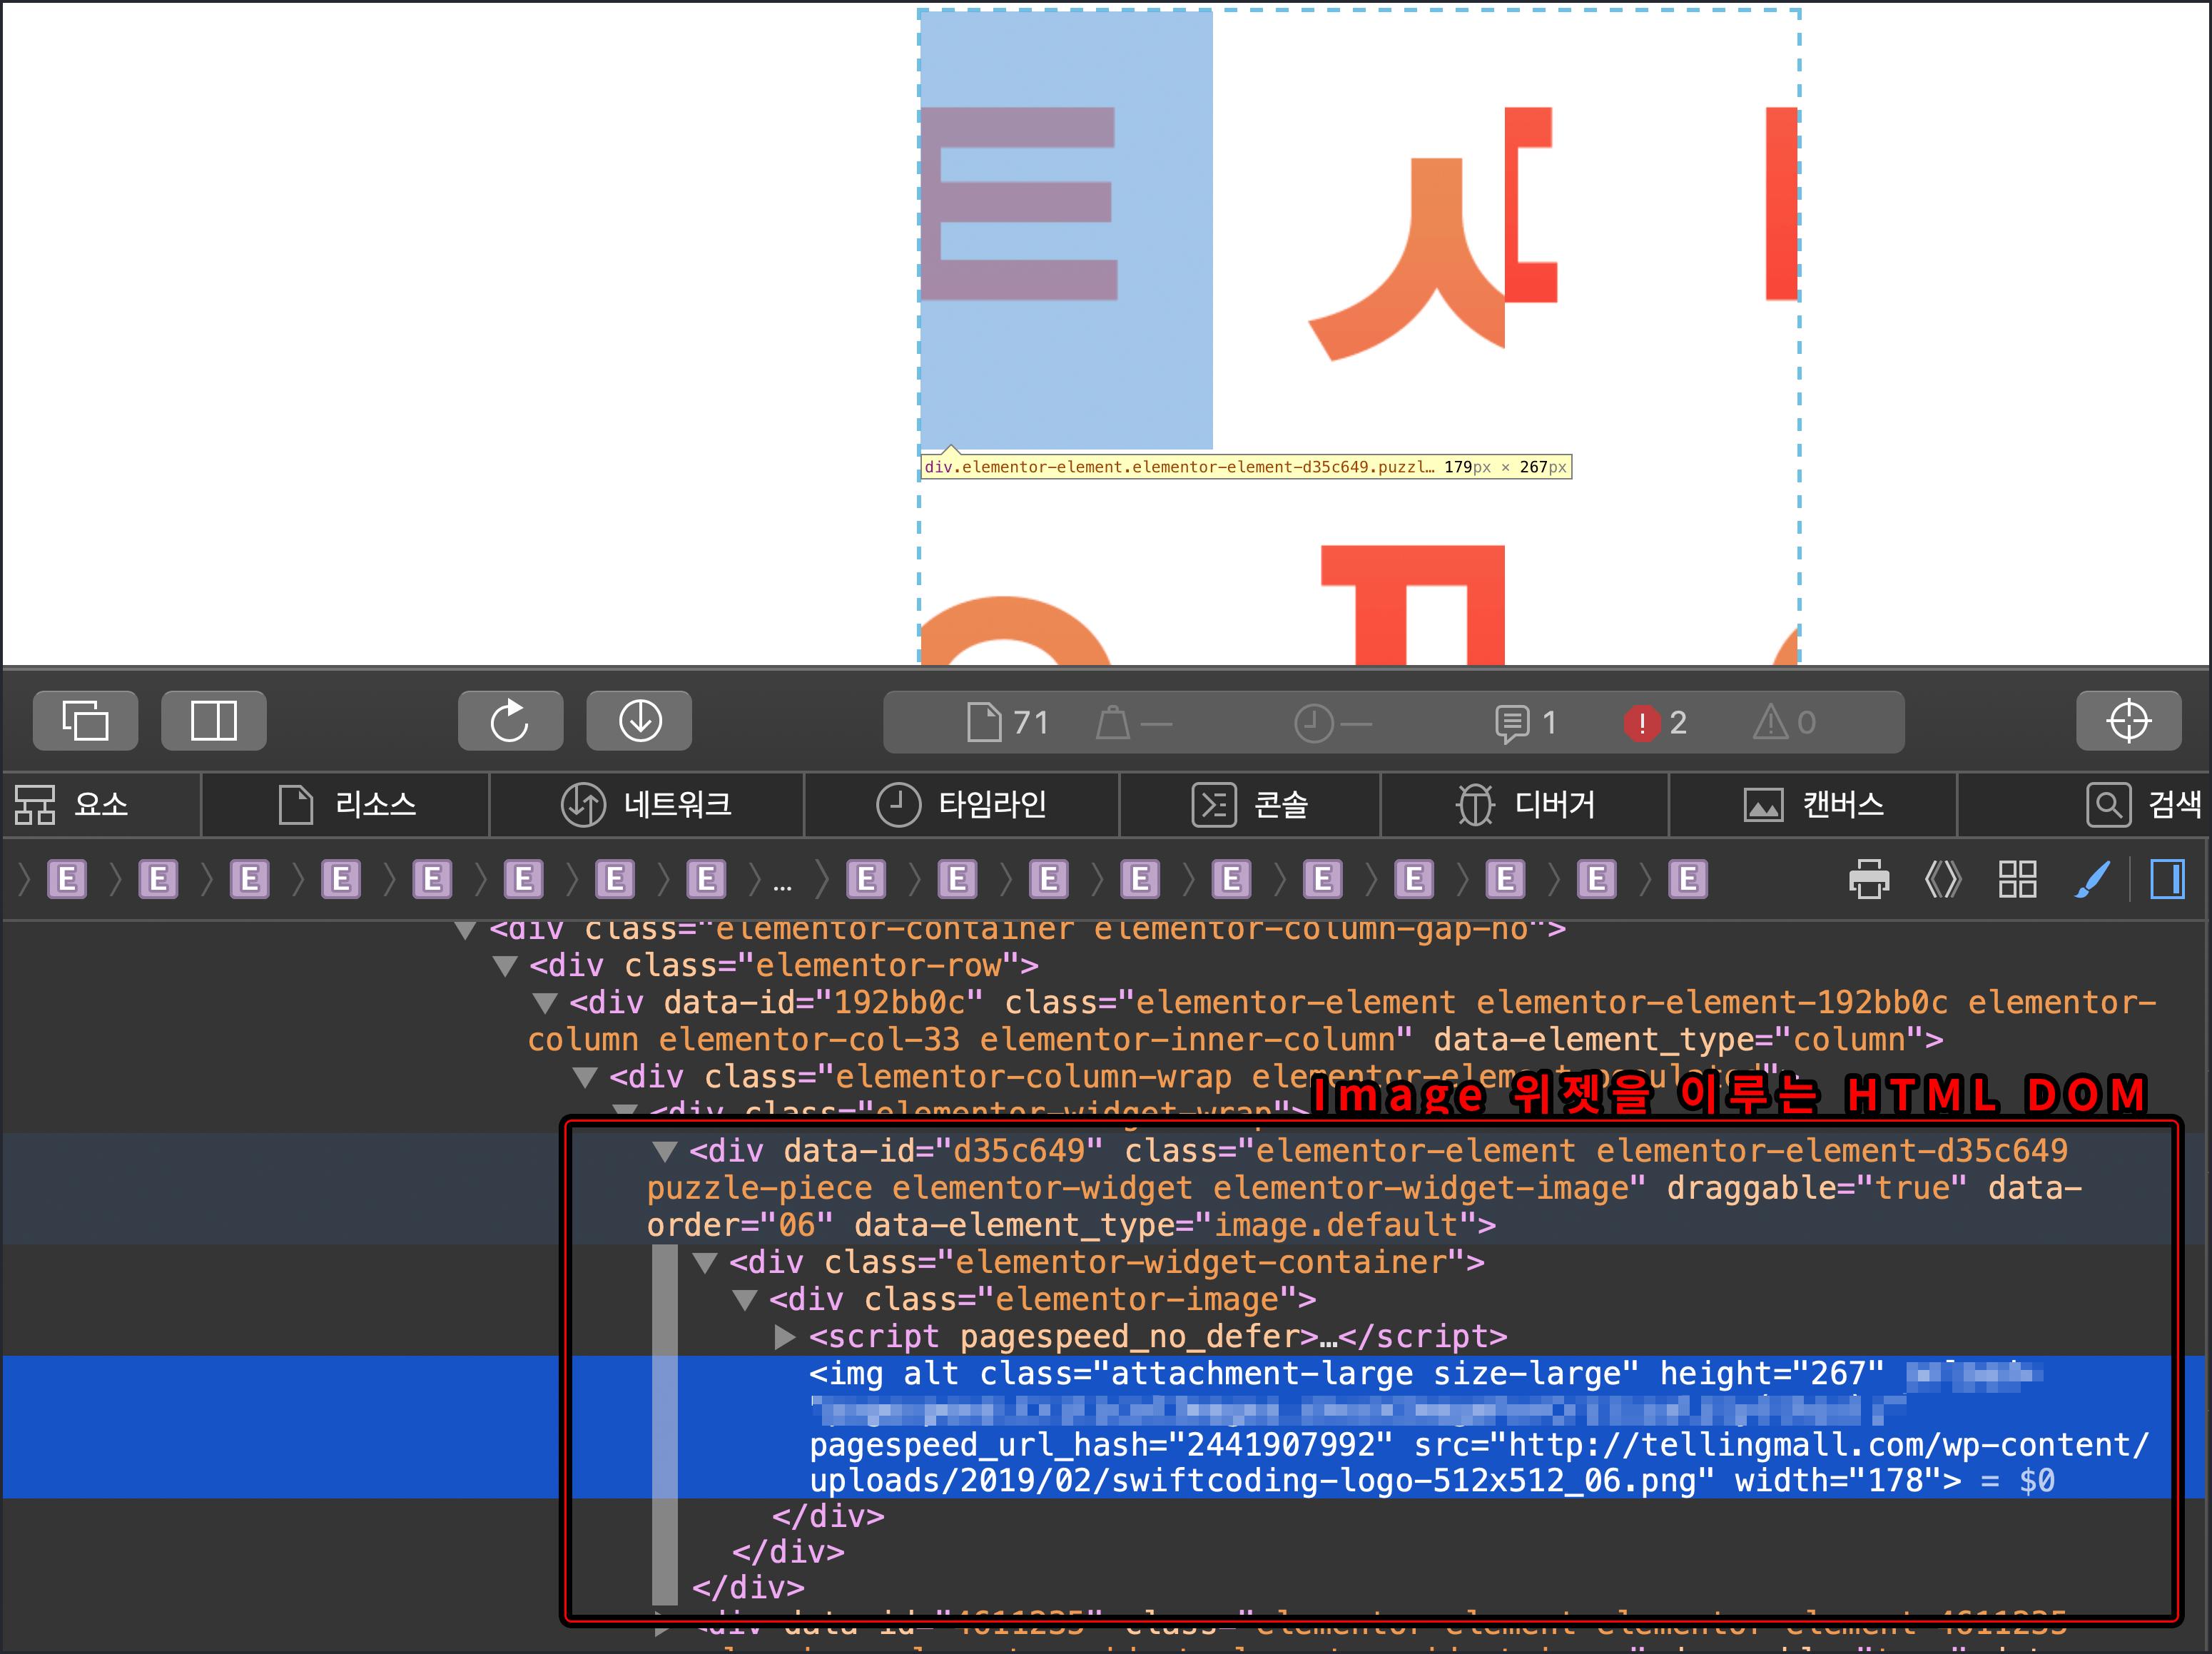 사파리 웹브라우저 개발자 모드로 본 HTML DOM